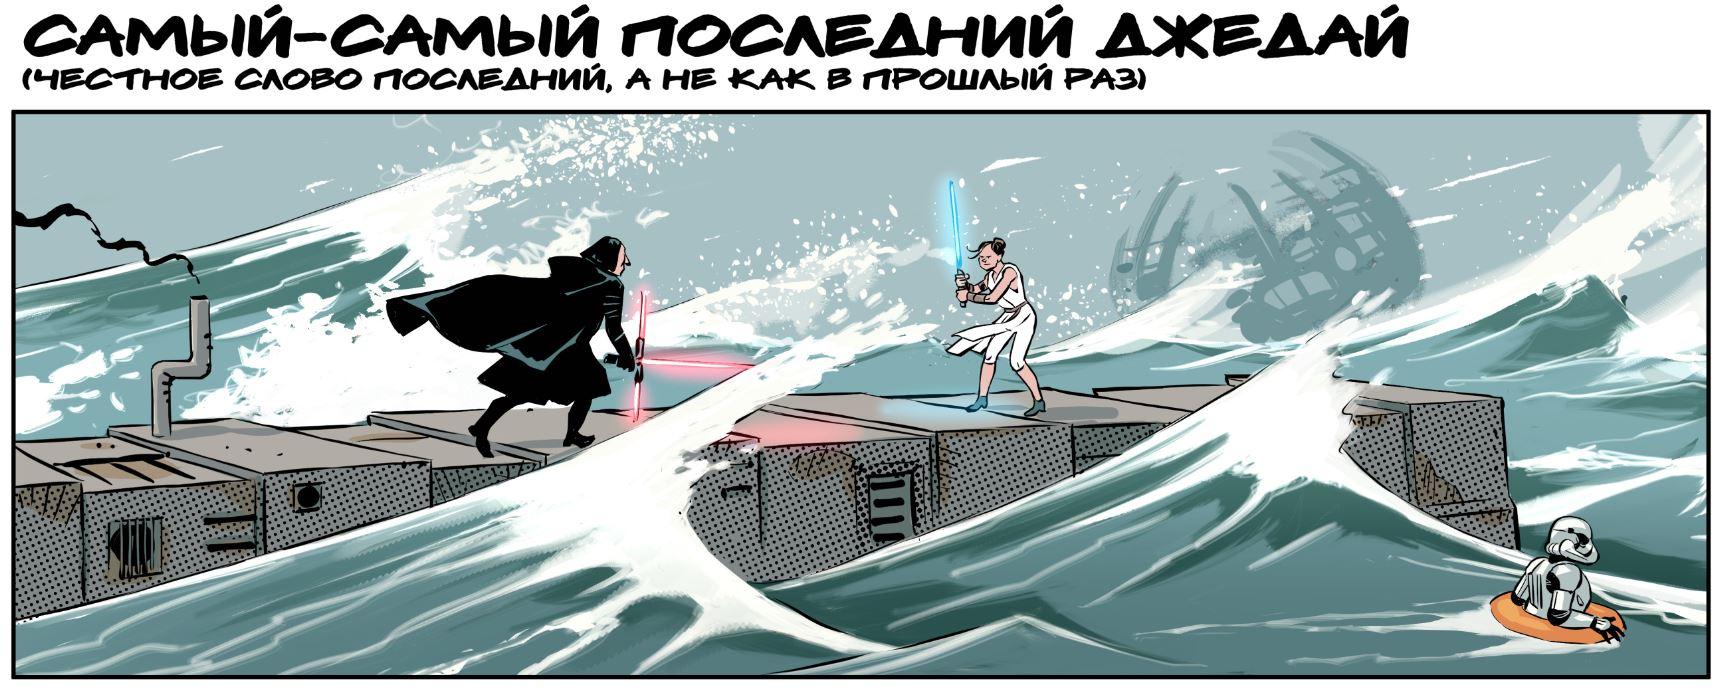 Комикс: самый-самый последний джедай 1